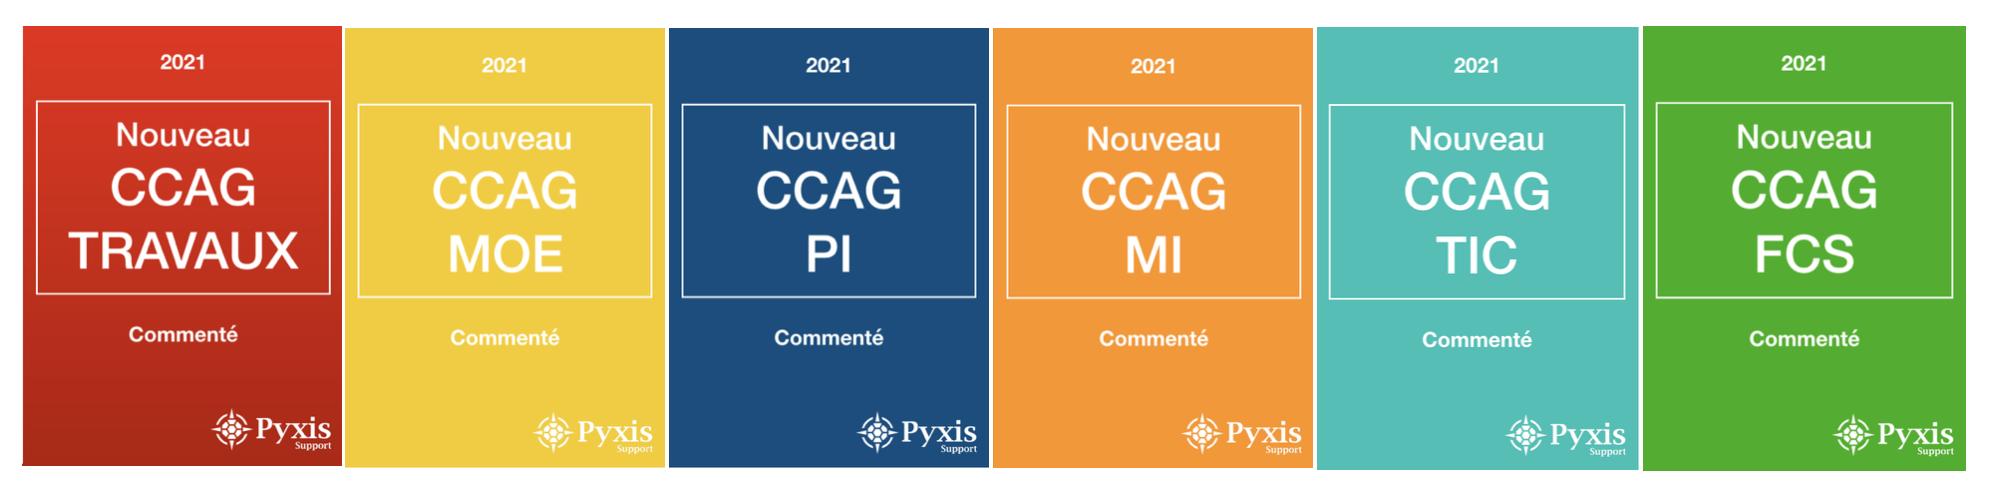 CCAG 2021